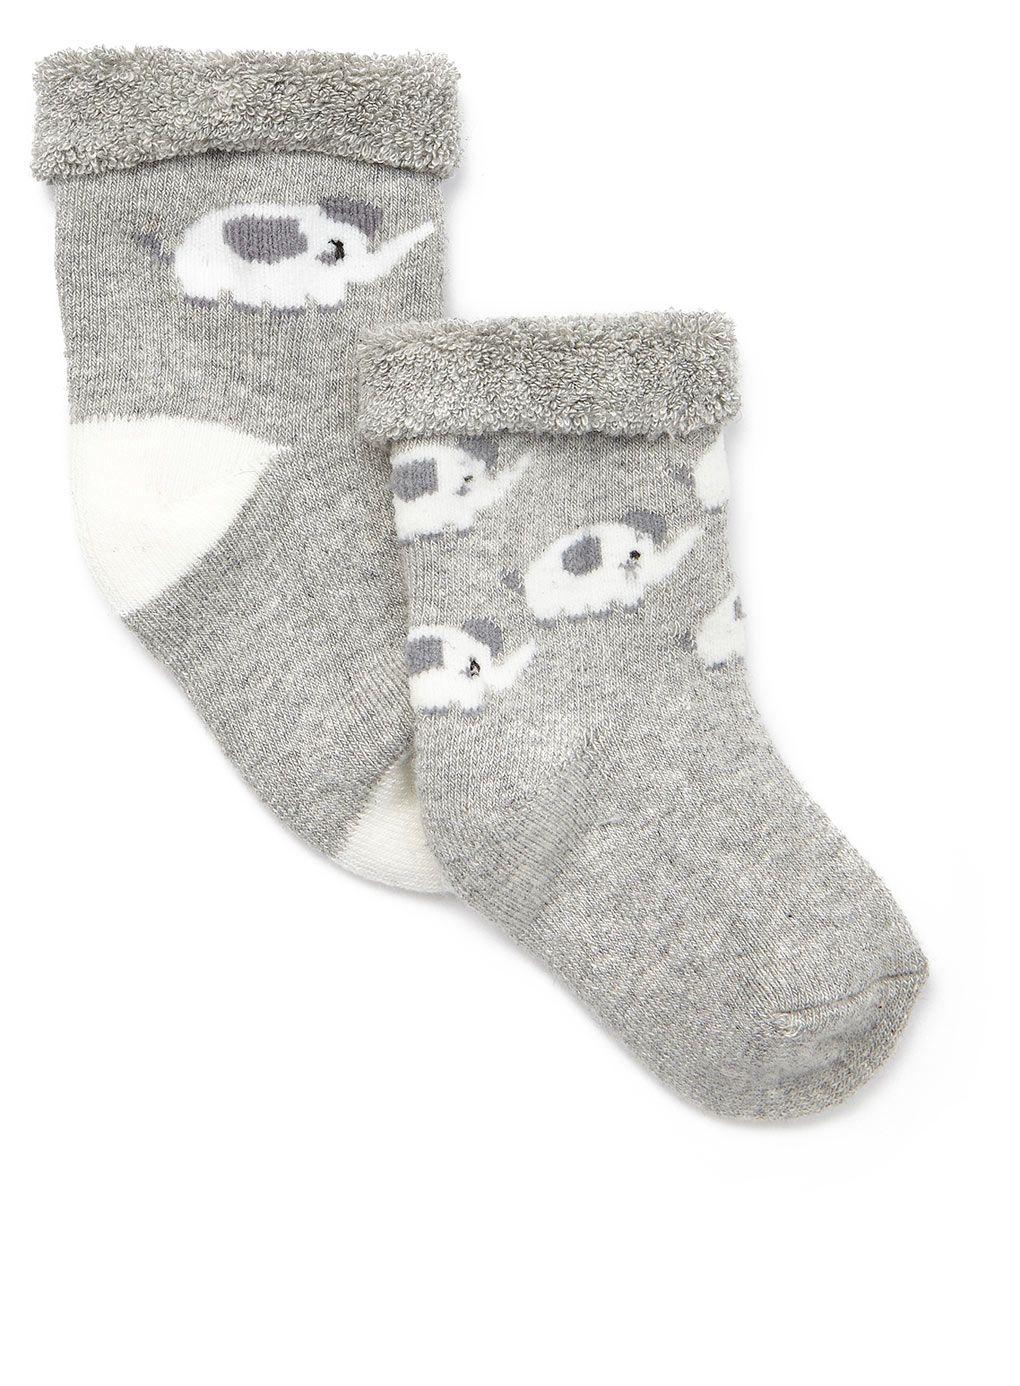 Elephant Socks Bhs 3 B A B Y C L O T H E S A U T U M N